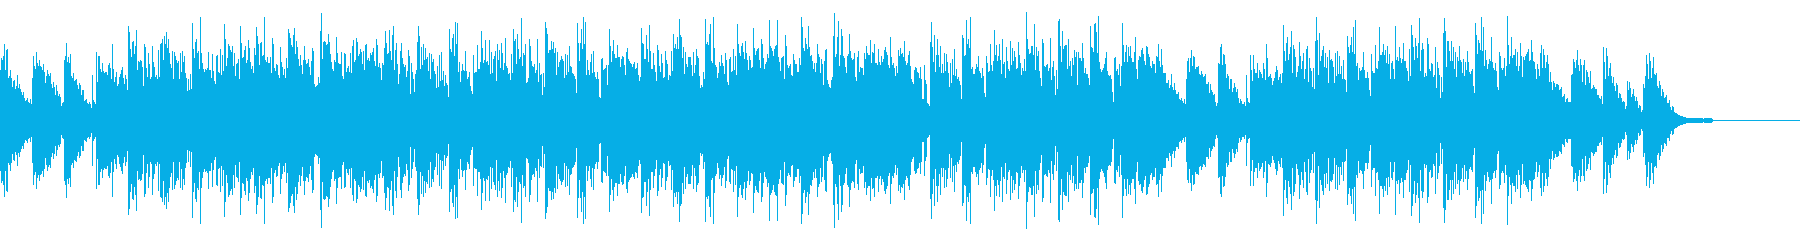 エンディング感のある切ないヒップホップの再生済みの波形